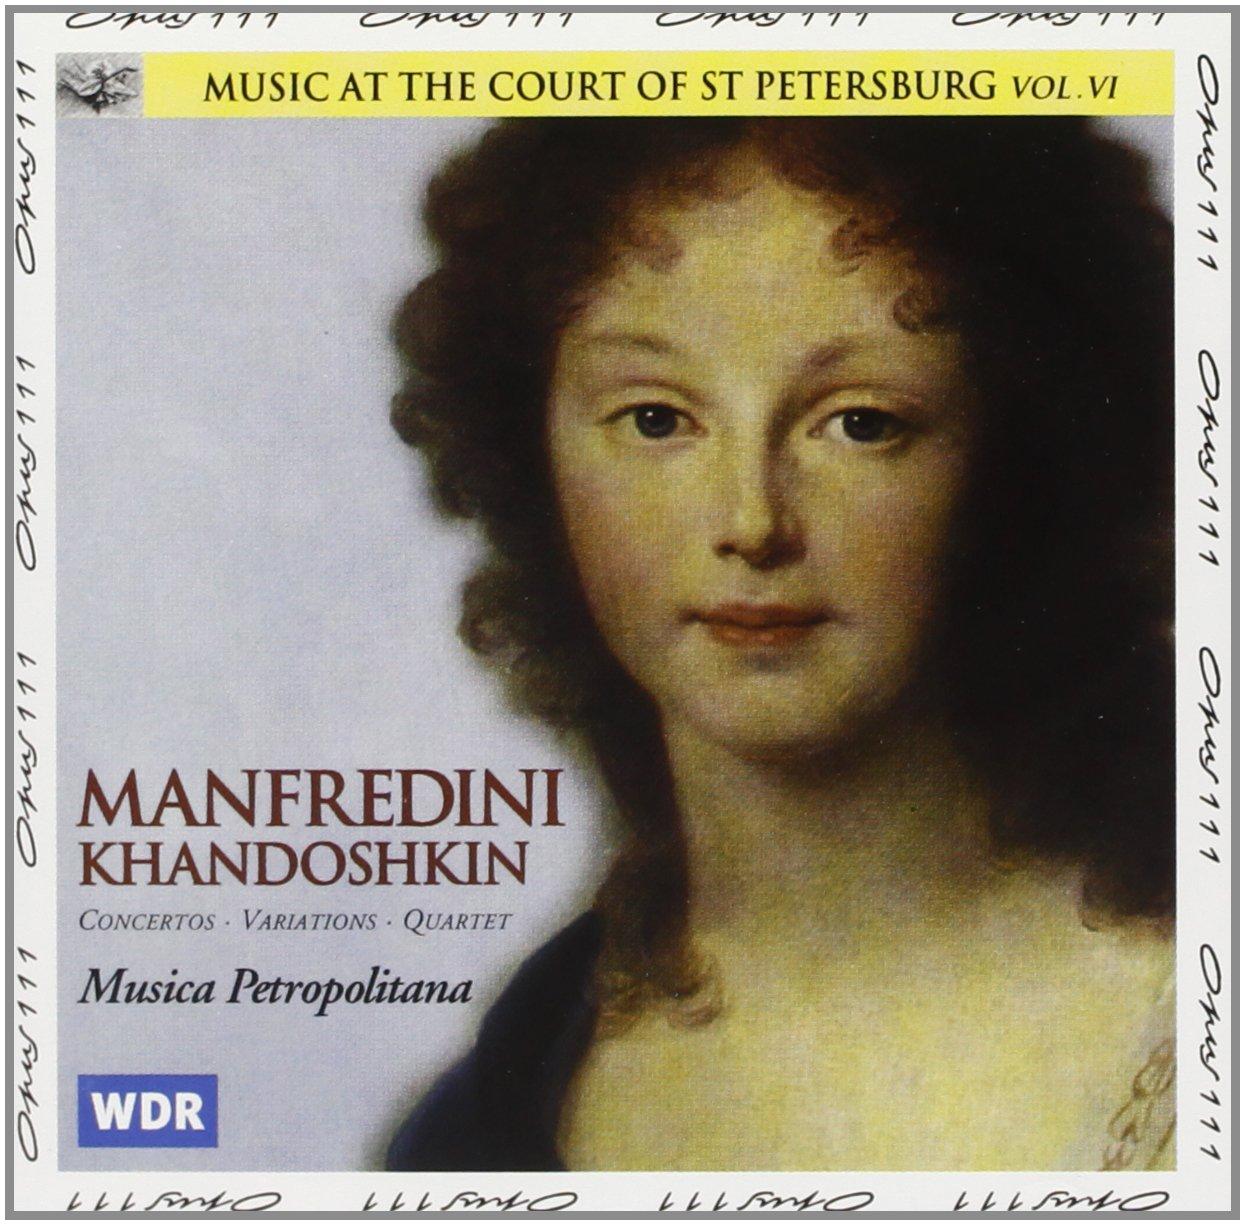 Musica Petropolitana